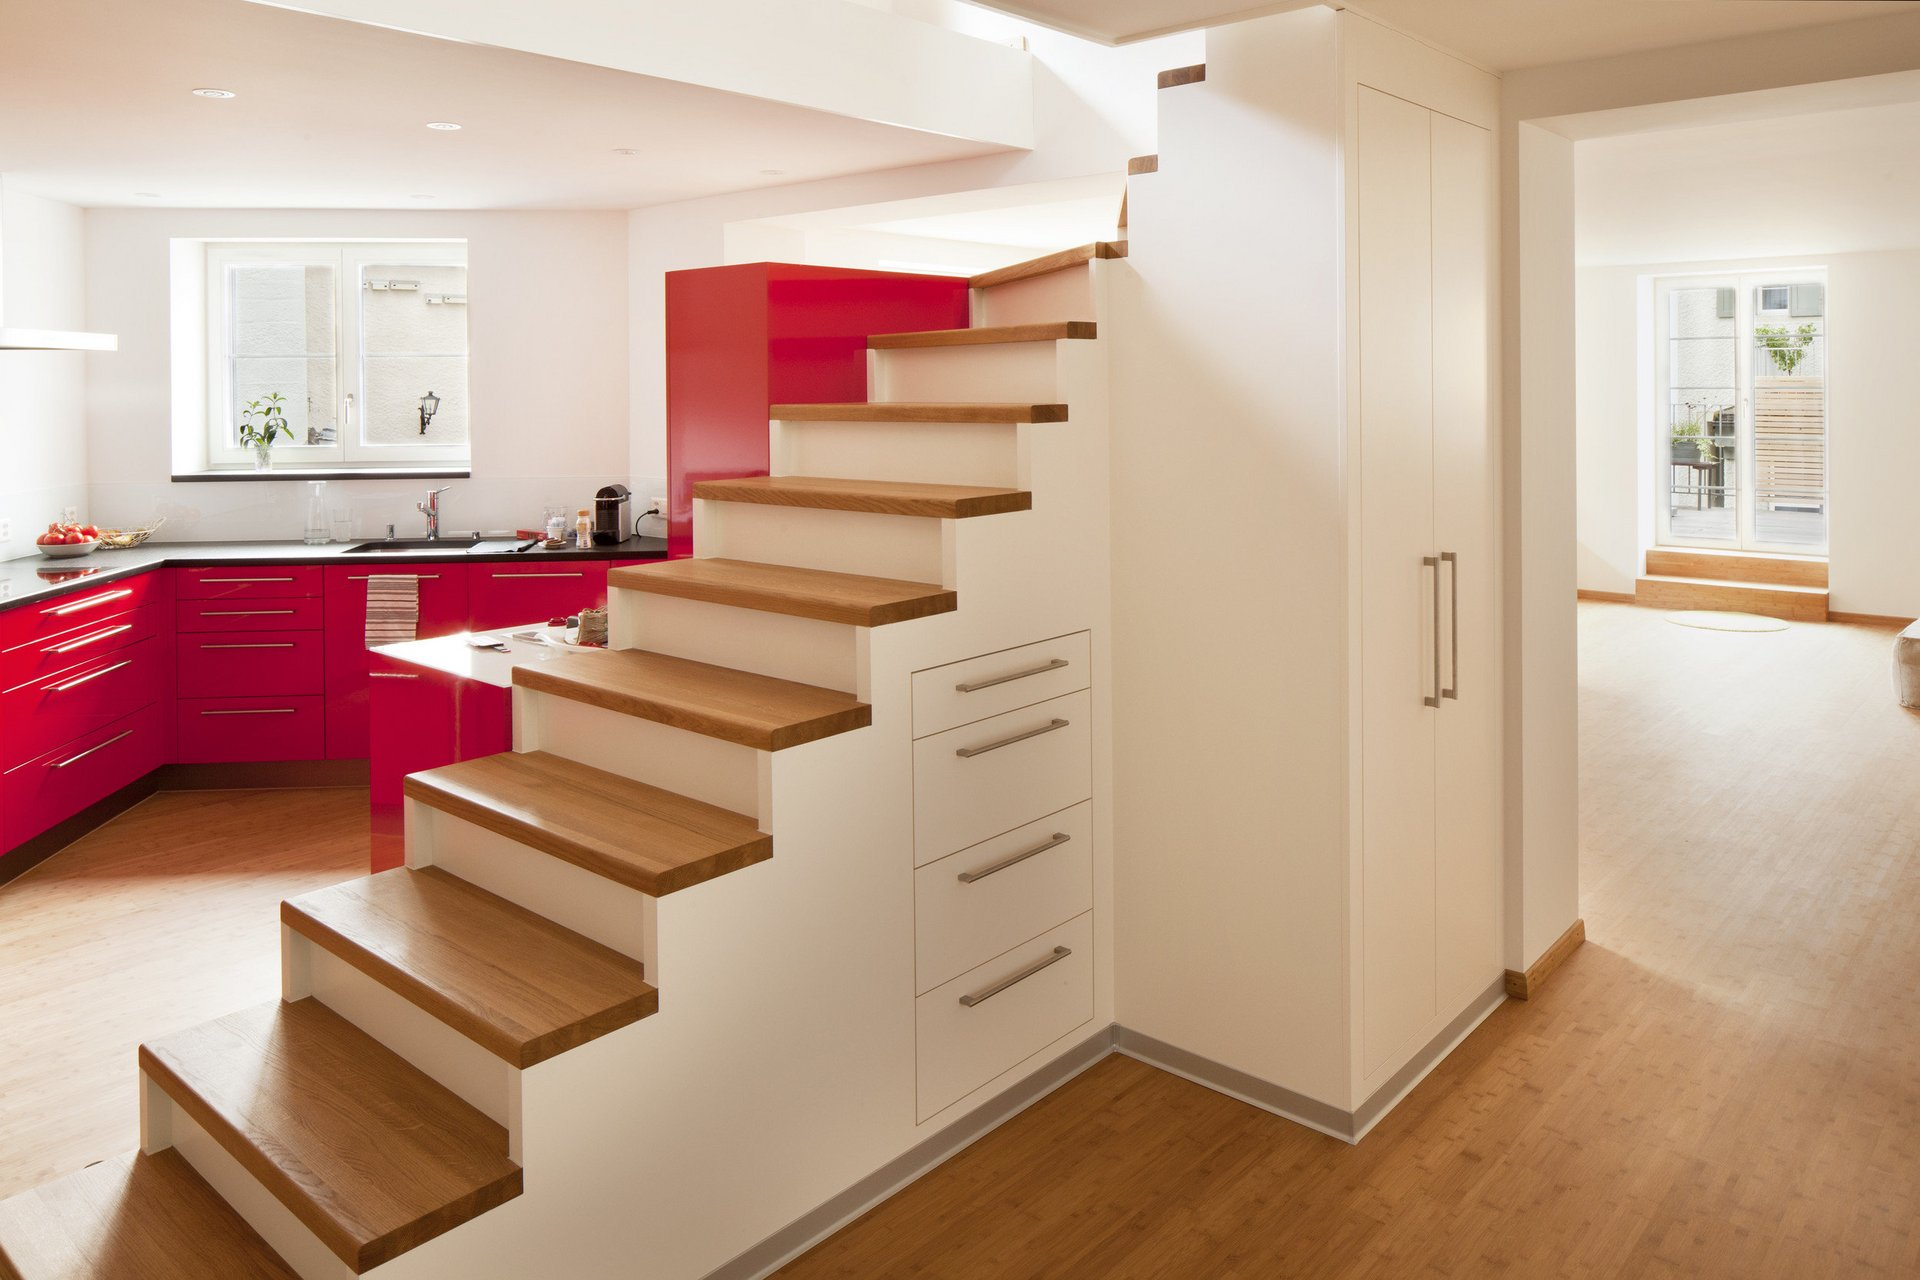 Rote Einbauküche hinter nach oben führende Treppe ohne Geländer in hellem Design